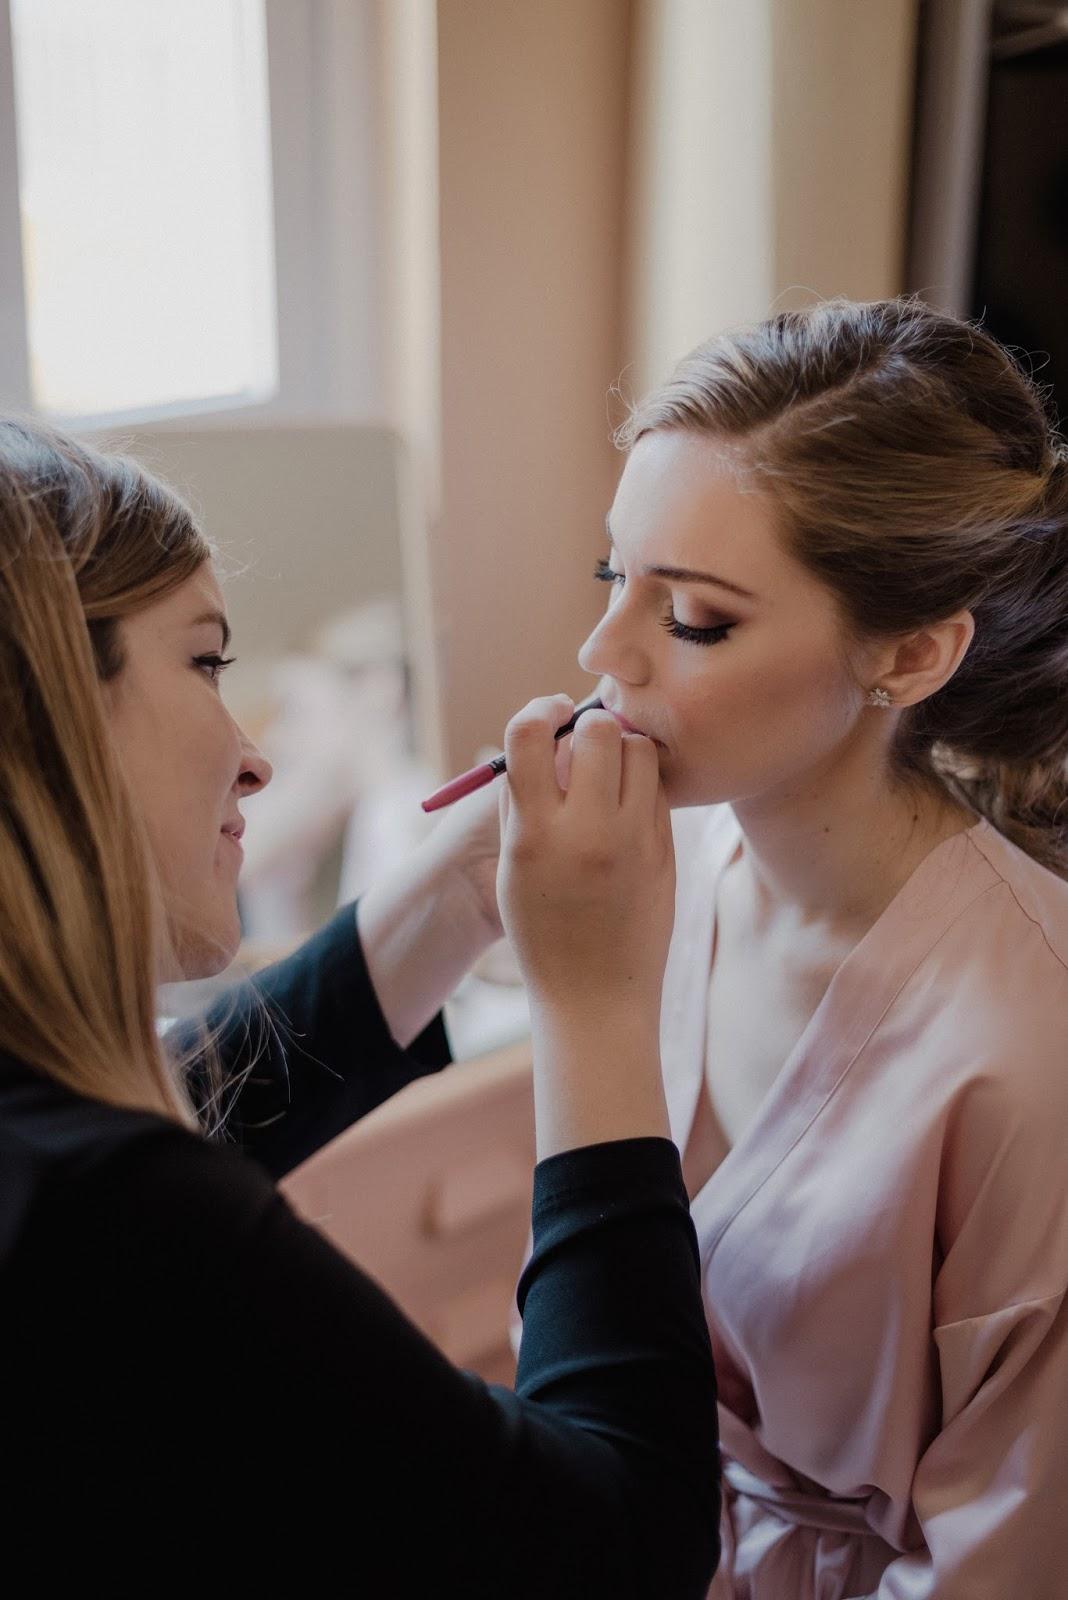 limpiar engañando experiencia de novia